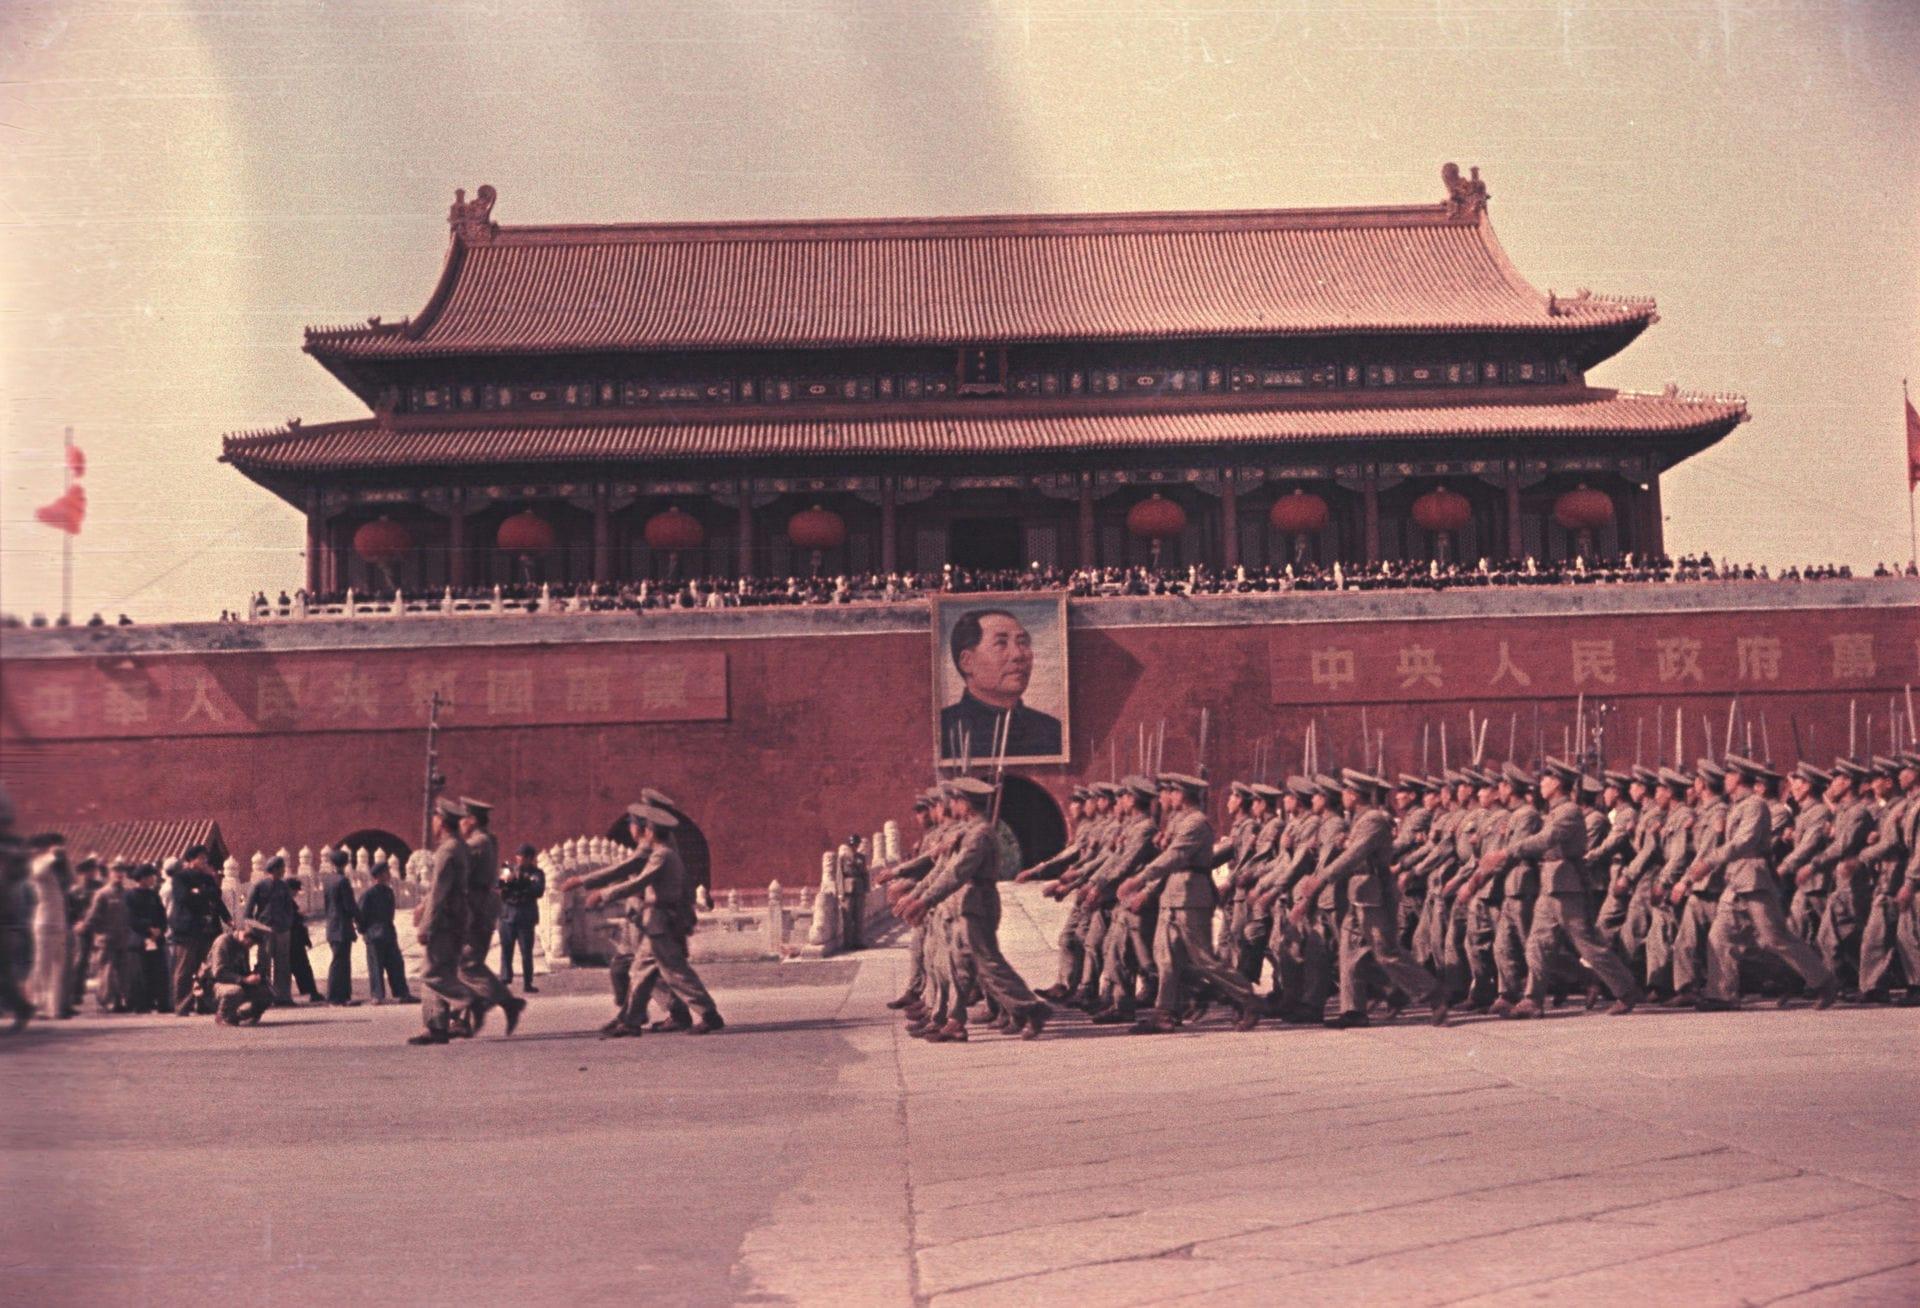 Экспонат #13. Вид на Врата Небесного Спокойствия. 1 октября 1949 года